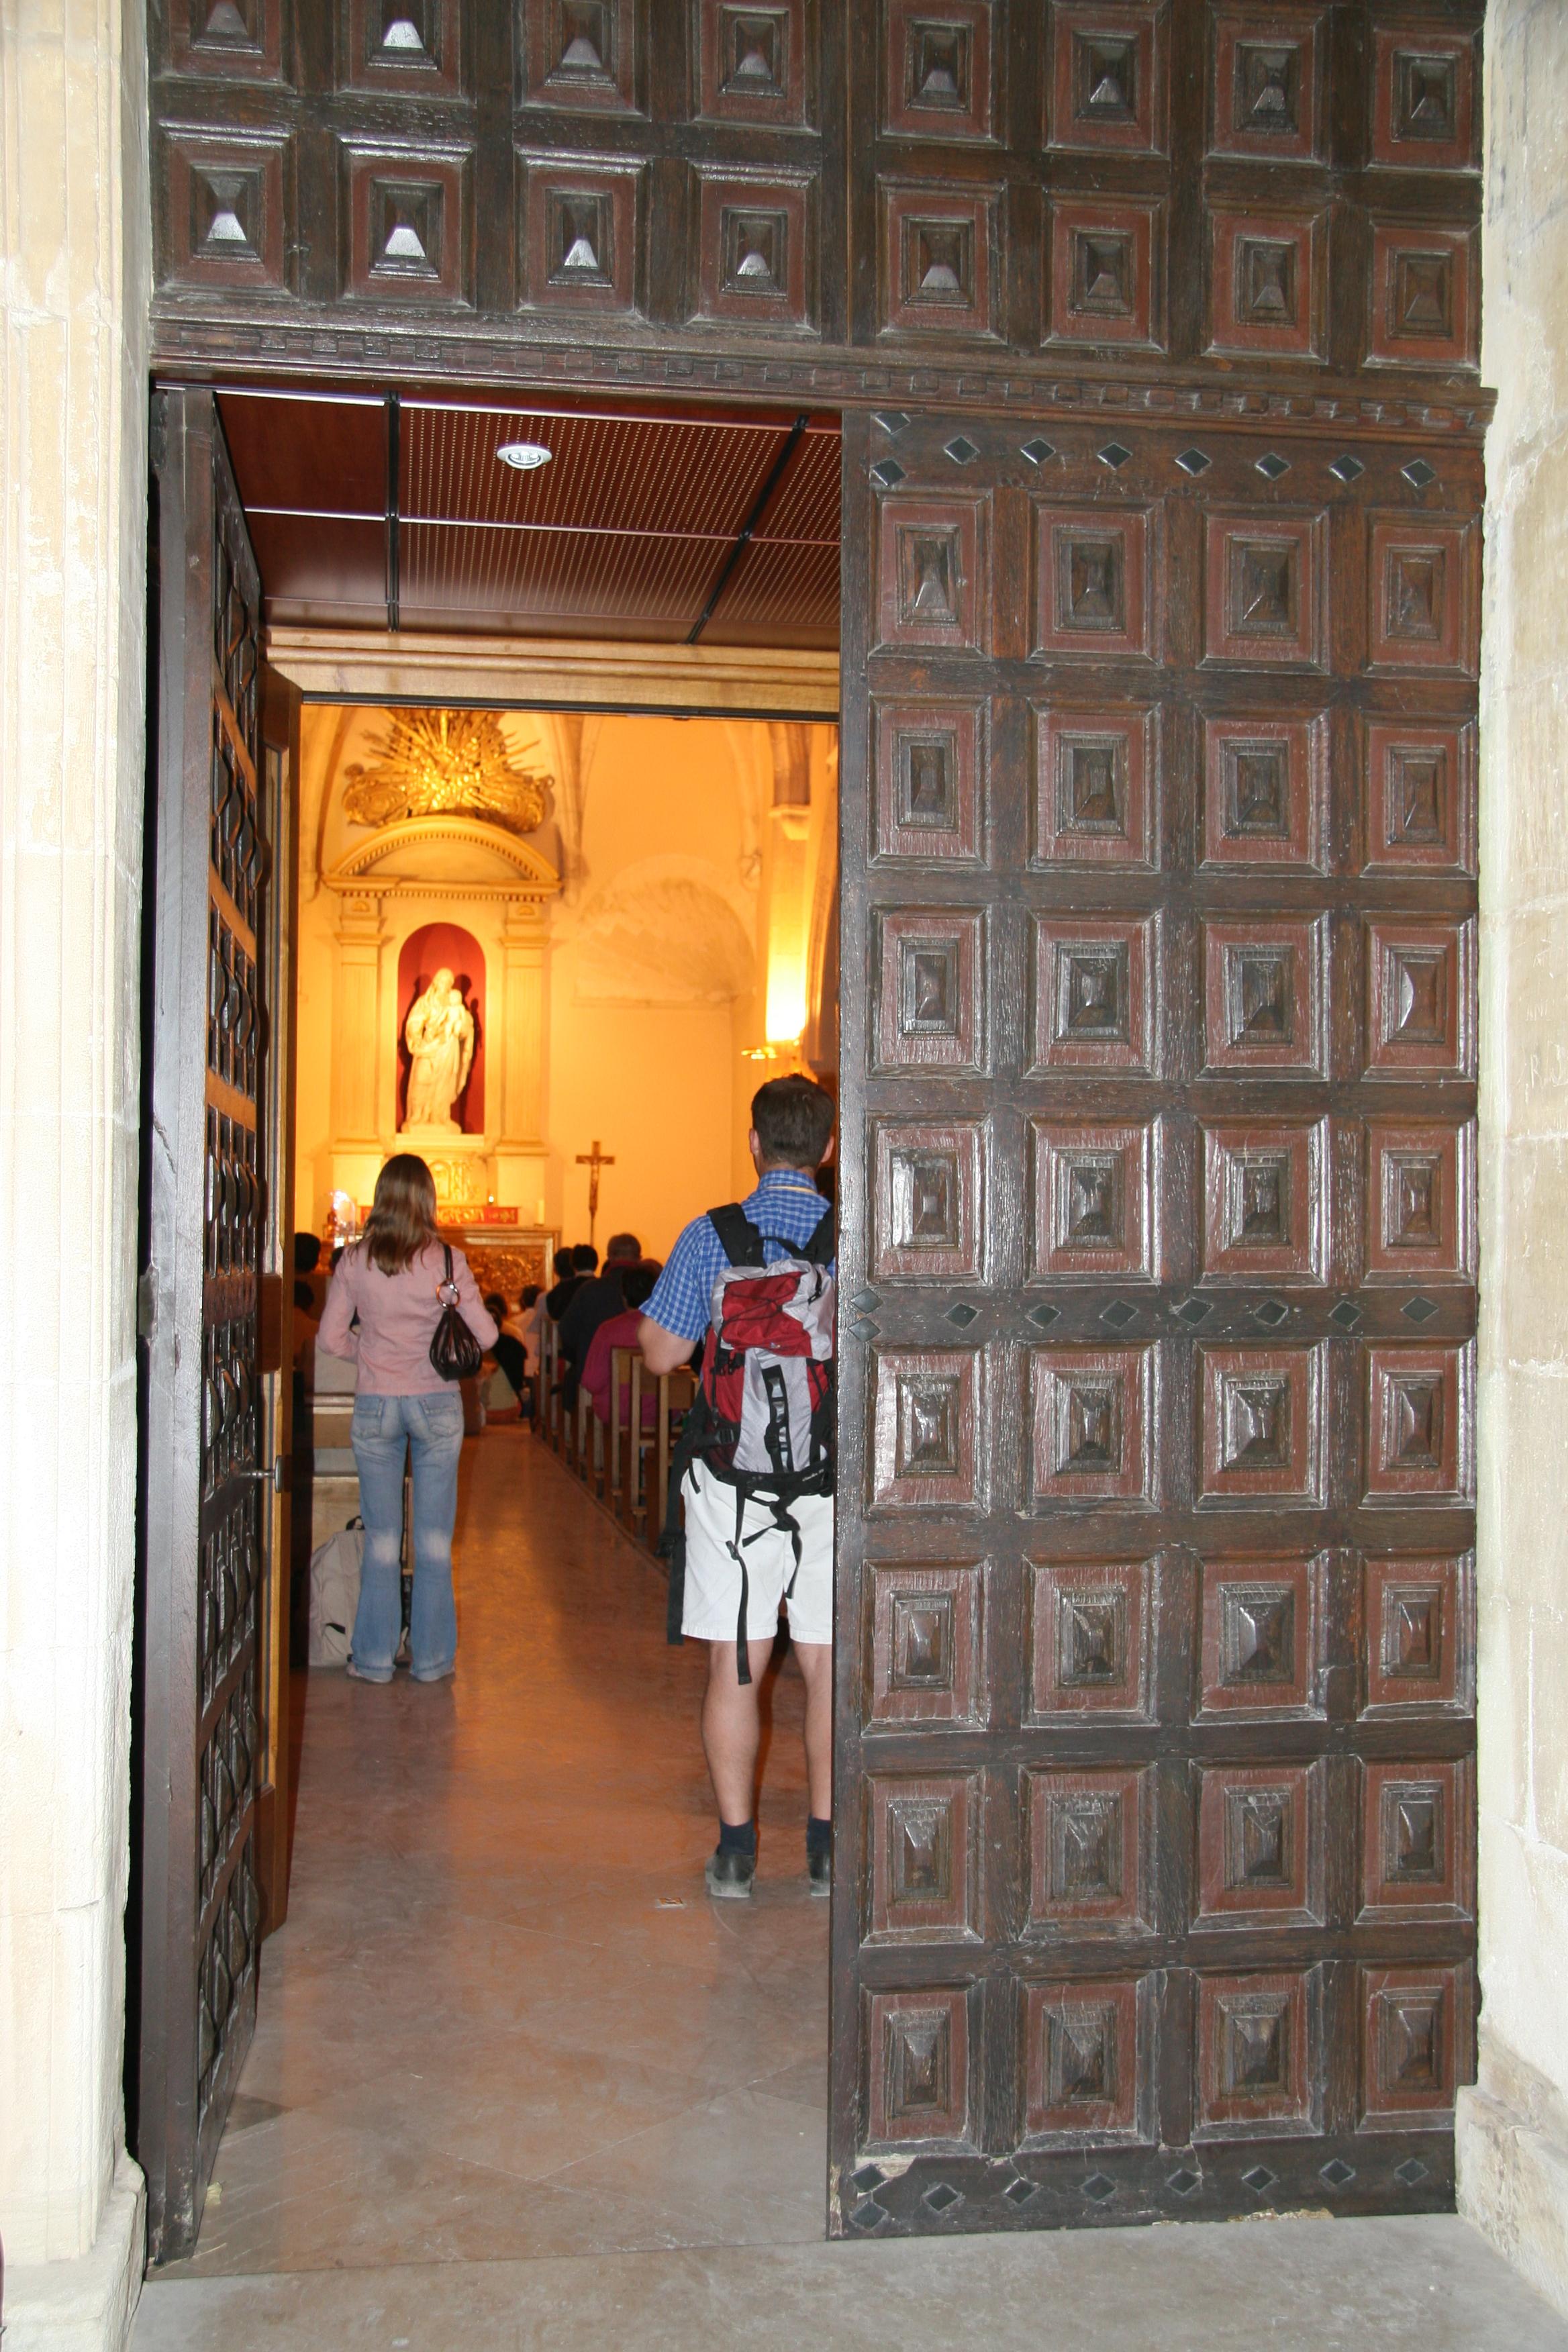 Sanctuaire de Notre-Dame de Vie - Porte ouverte